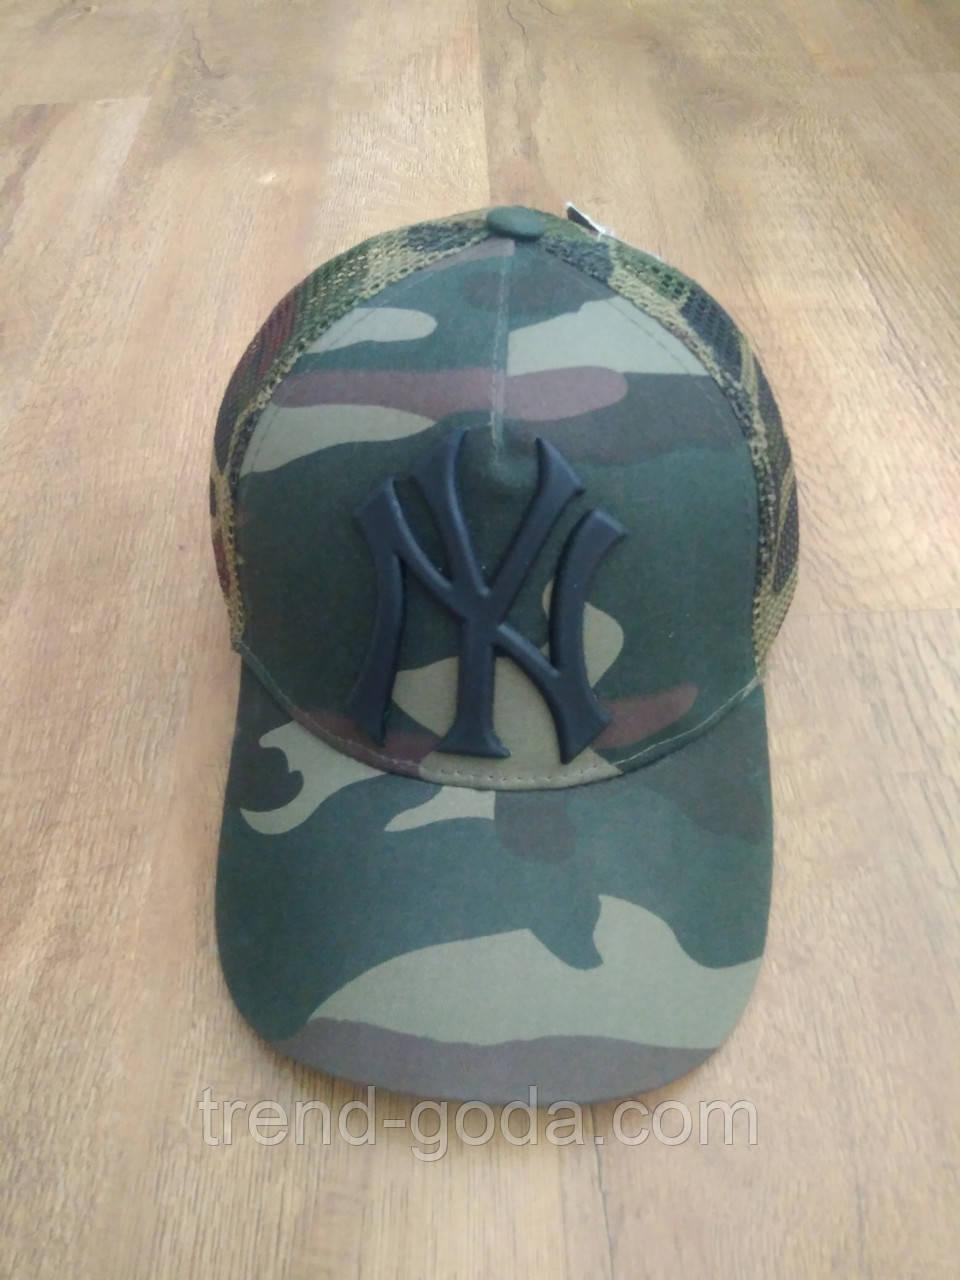 Кепка бейсболка NY Cap (New York) хаки камуфляжный унисекс